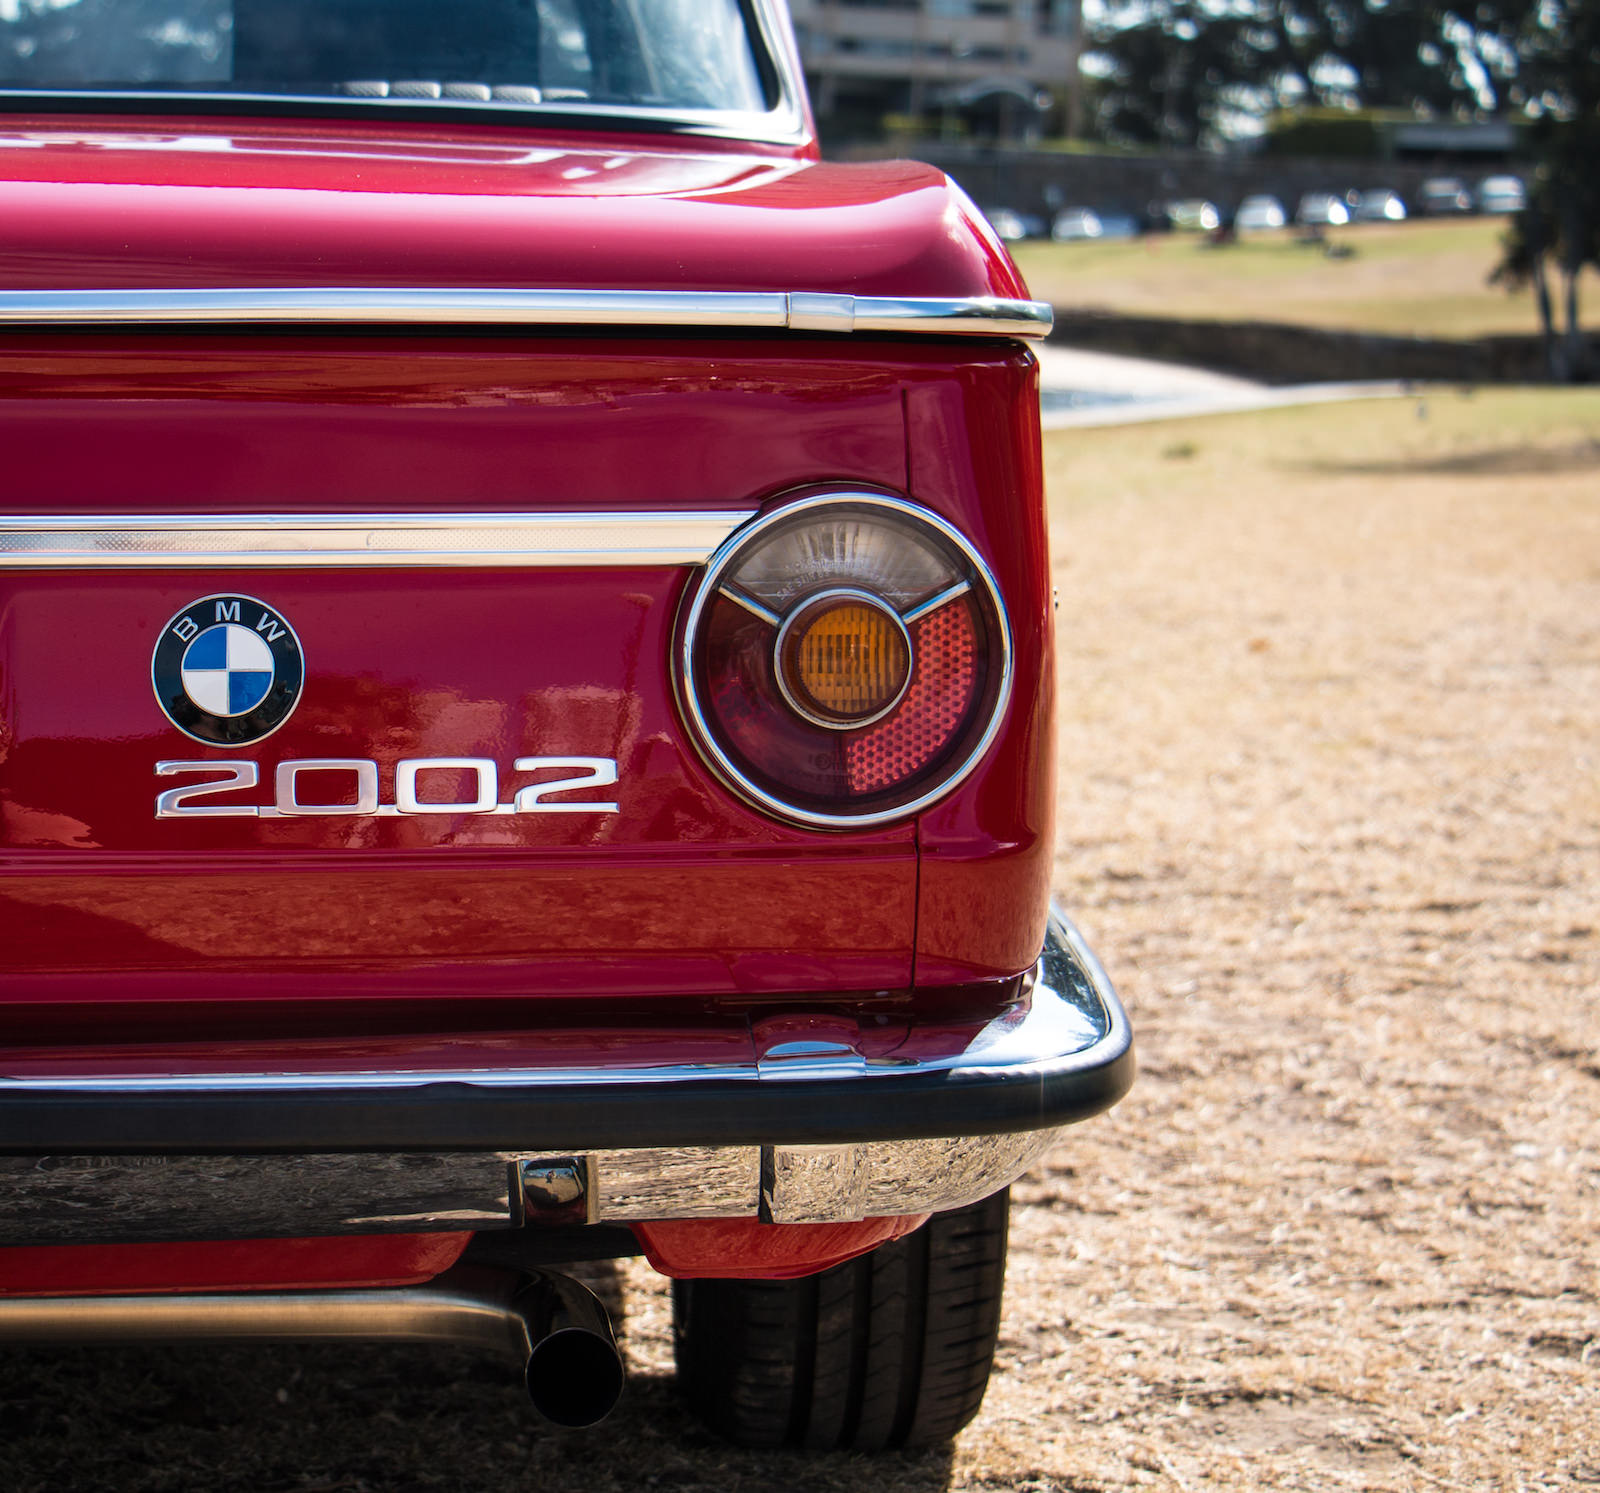 BMW-2002-Car-14.jpg